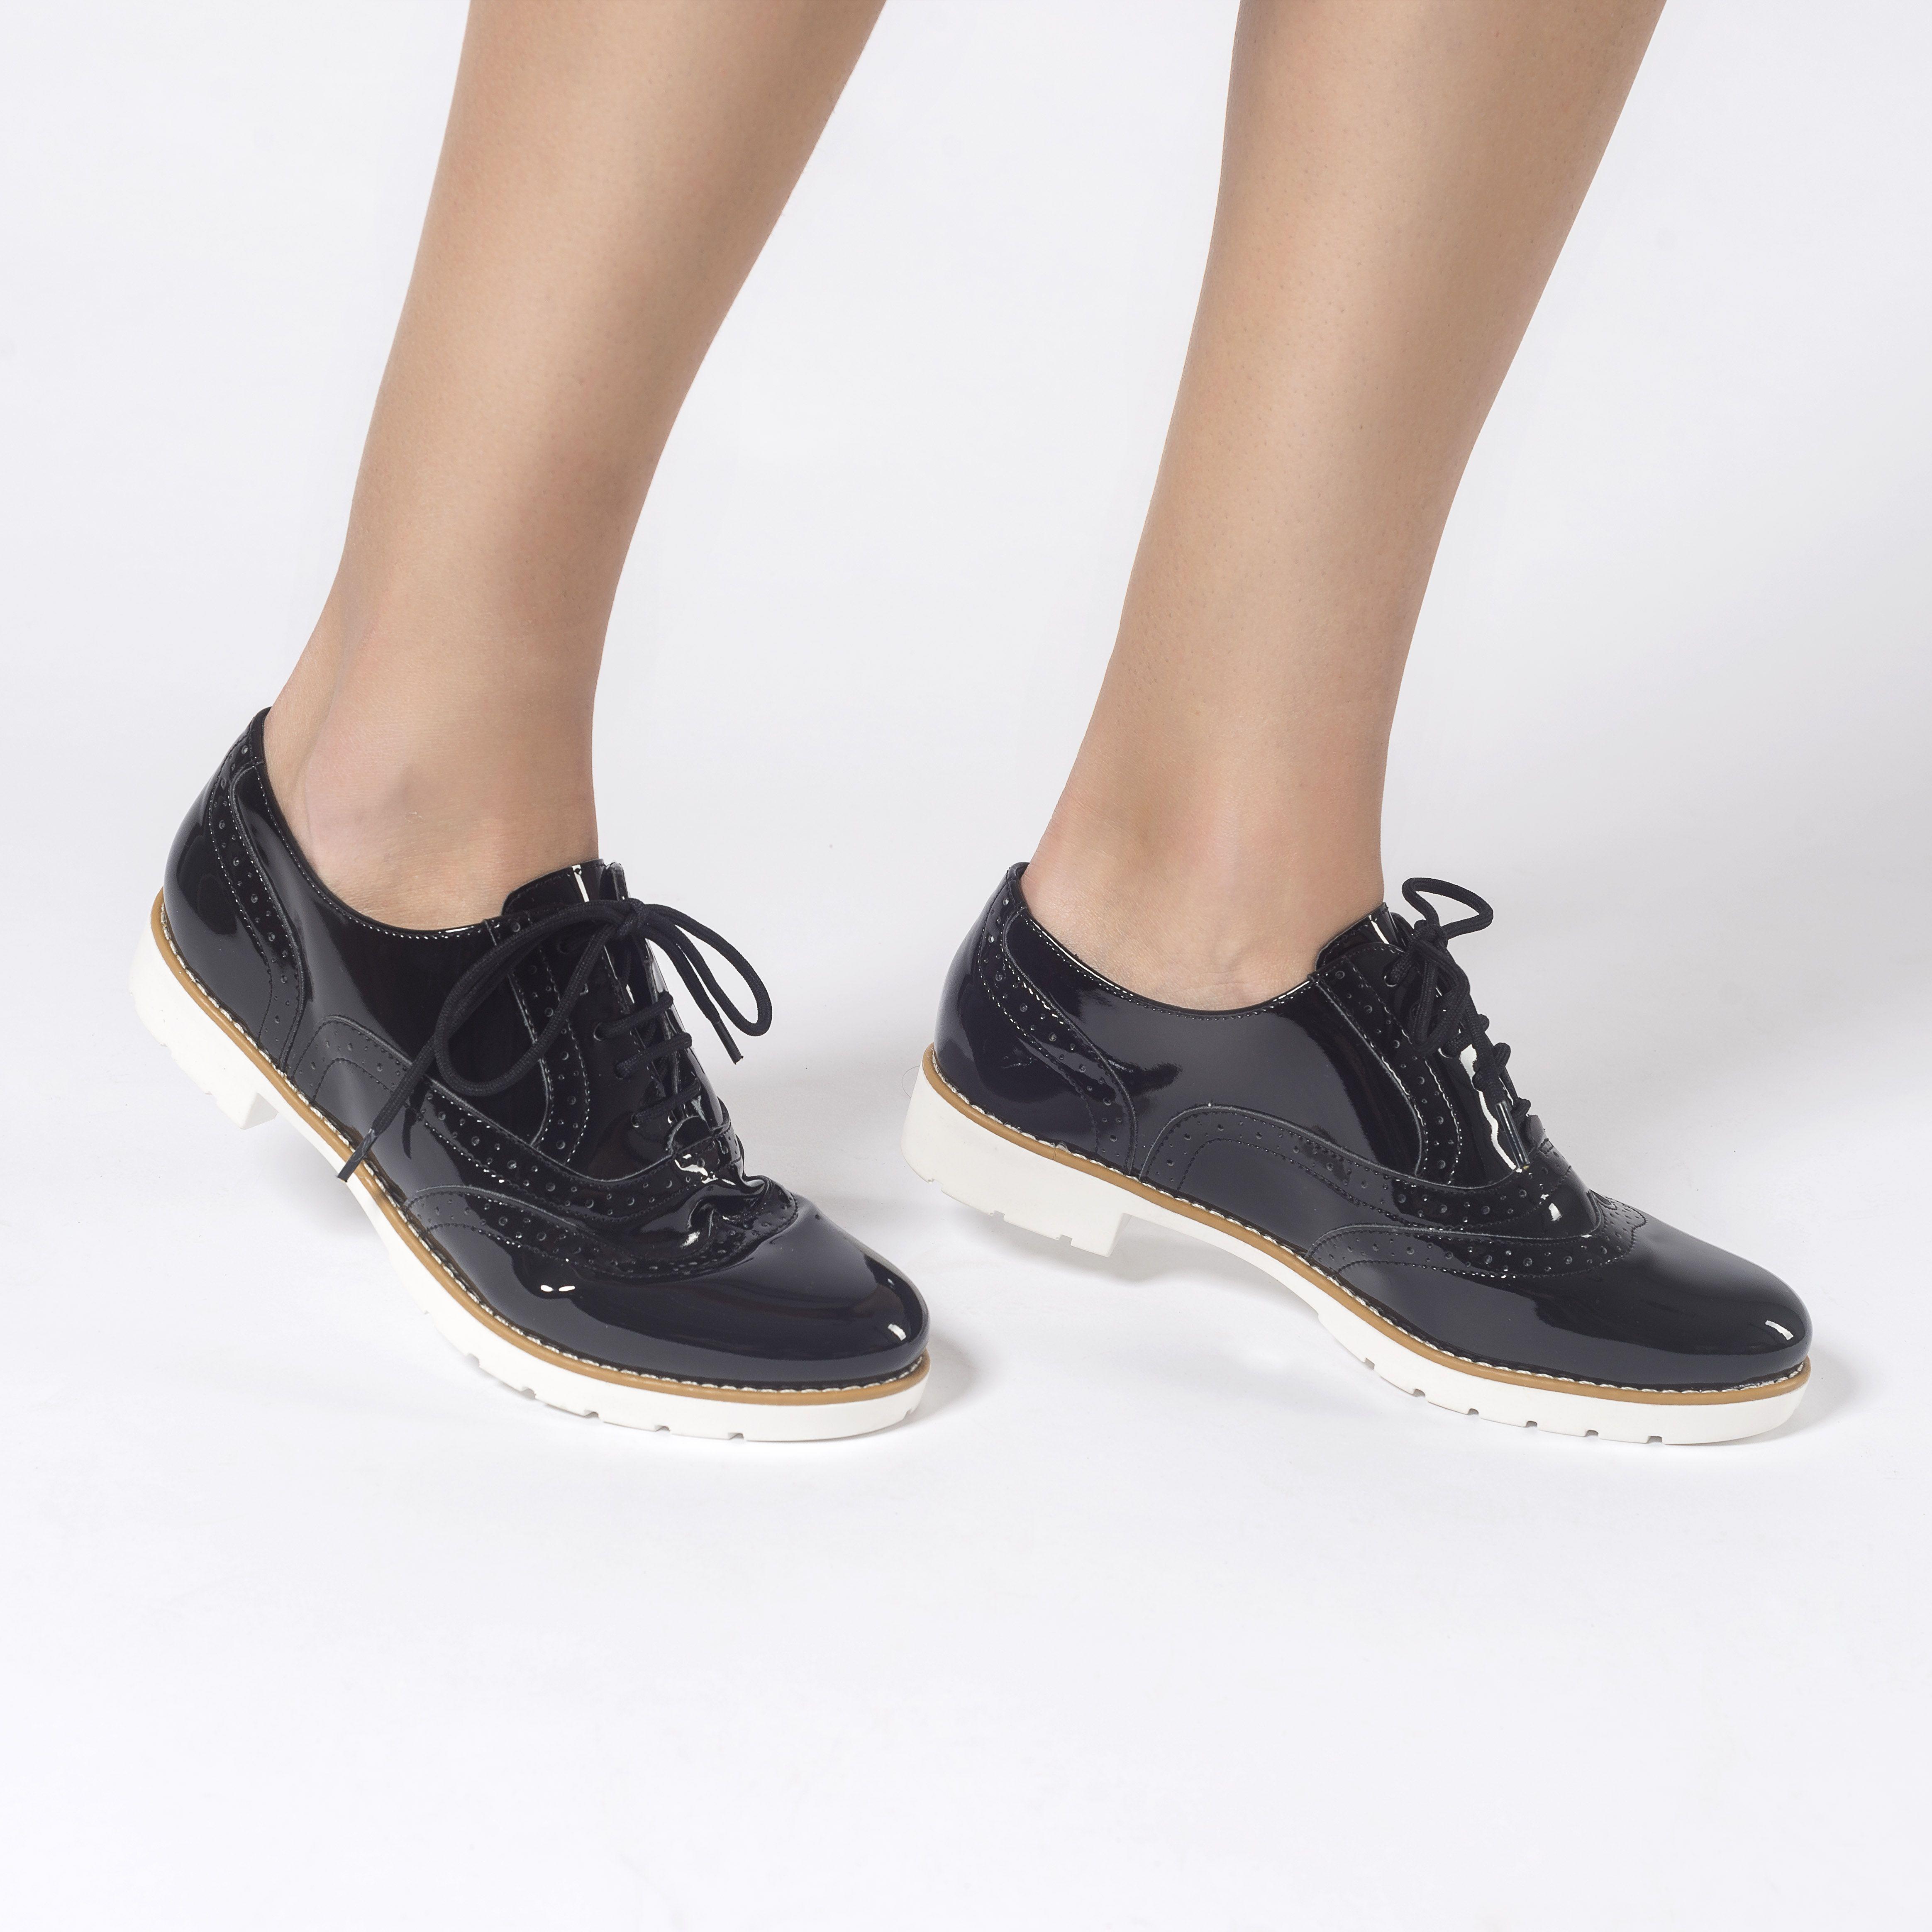 c8045d9984 Oxford - Style - Classic - Estilo - Fashion - Ref. 15-9701